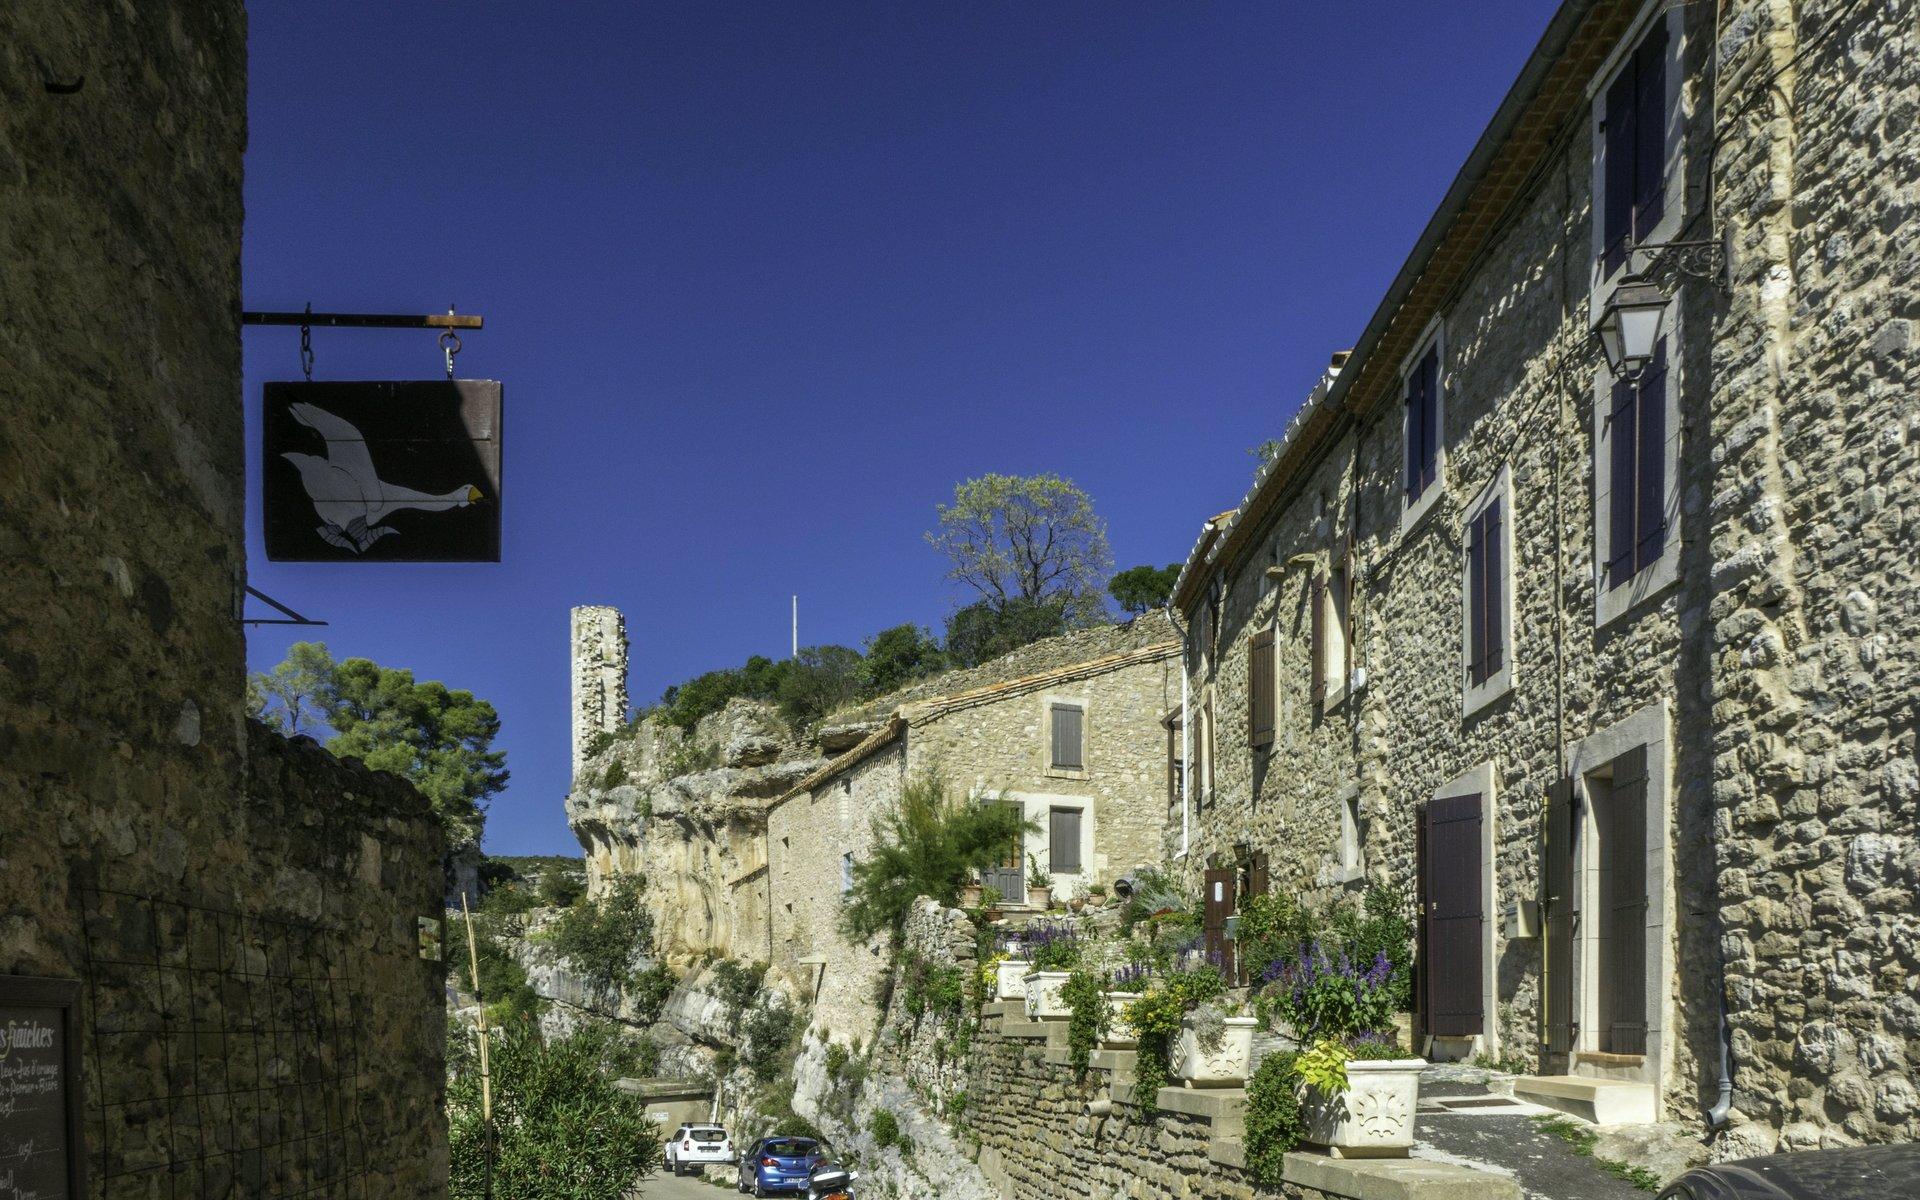 Rue des Cabarets in Minerve